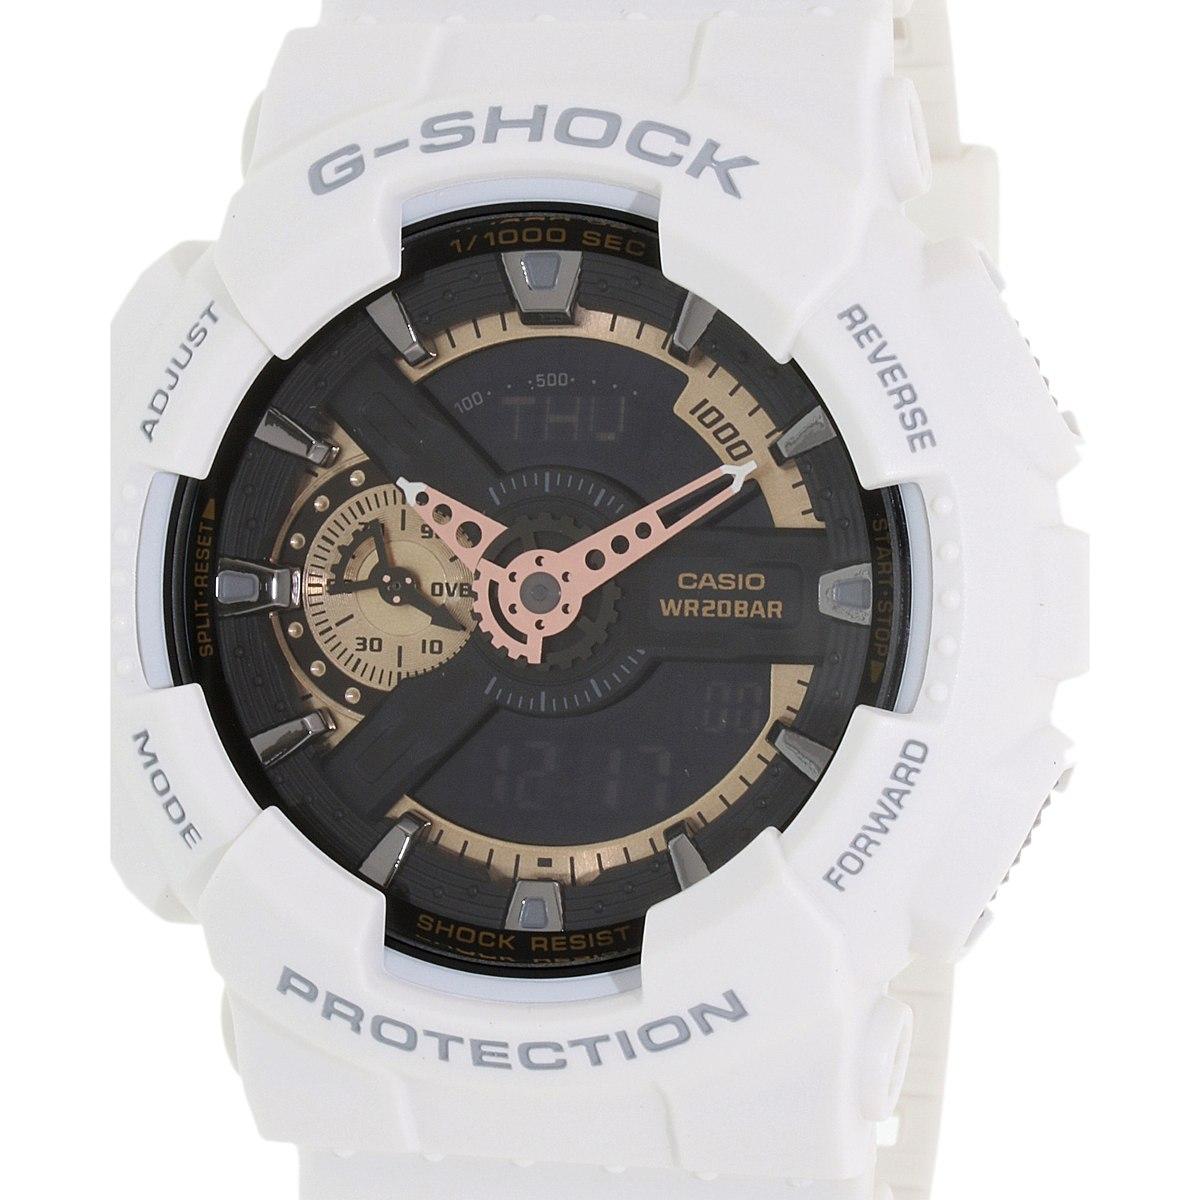 7ec813f6b1f1d Reloj hombre g shock resina negro – Joyas de plata